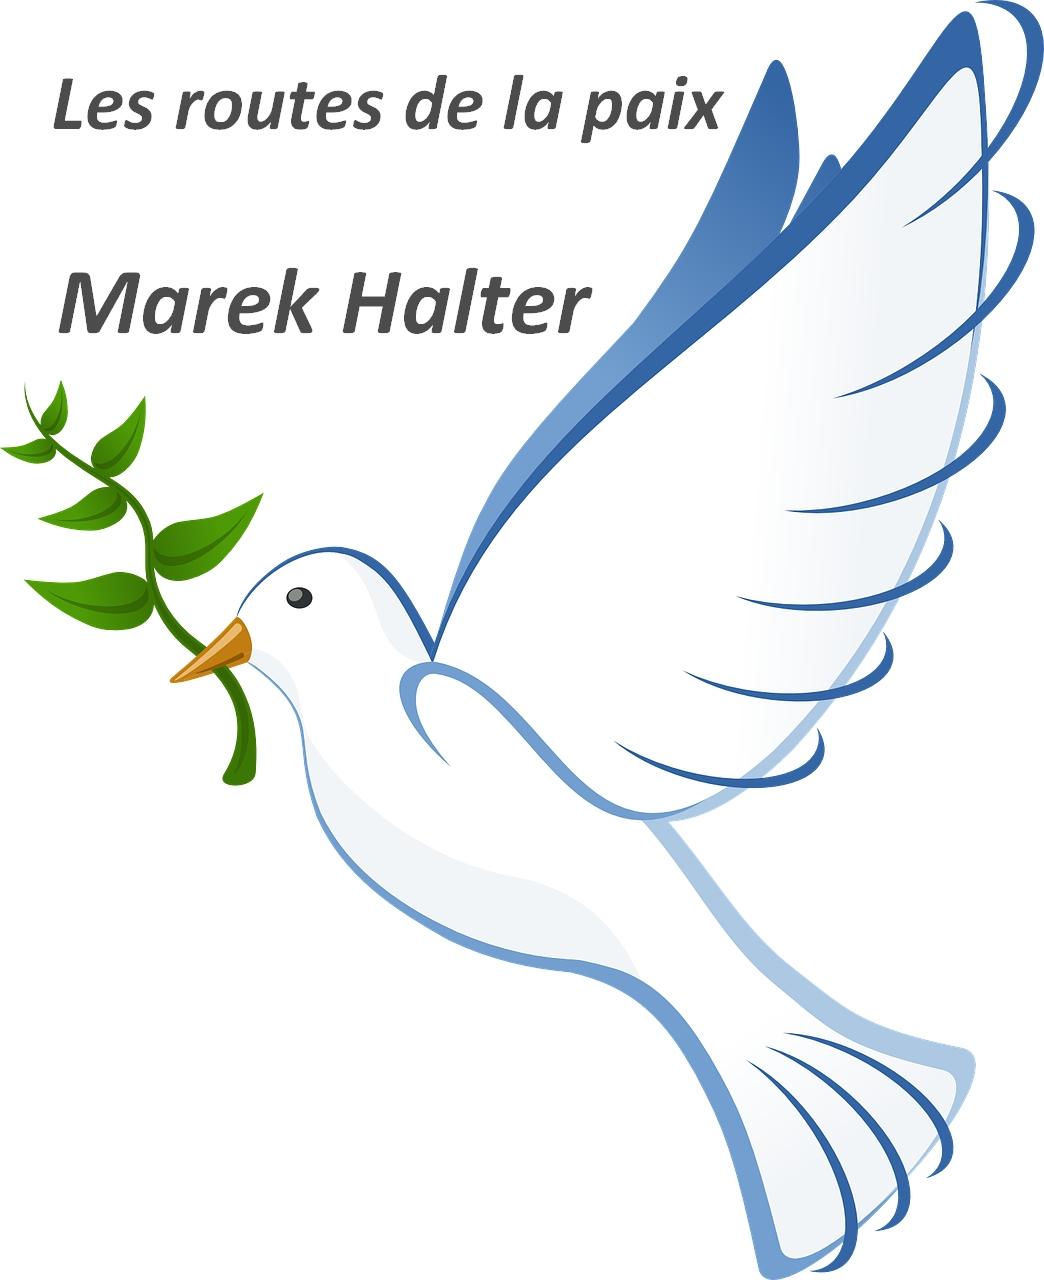 Les routes de la paix